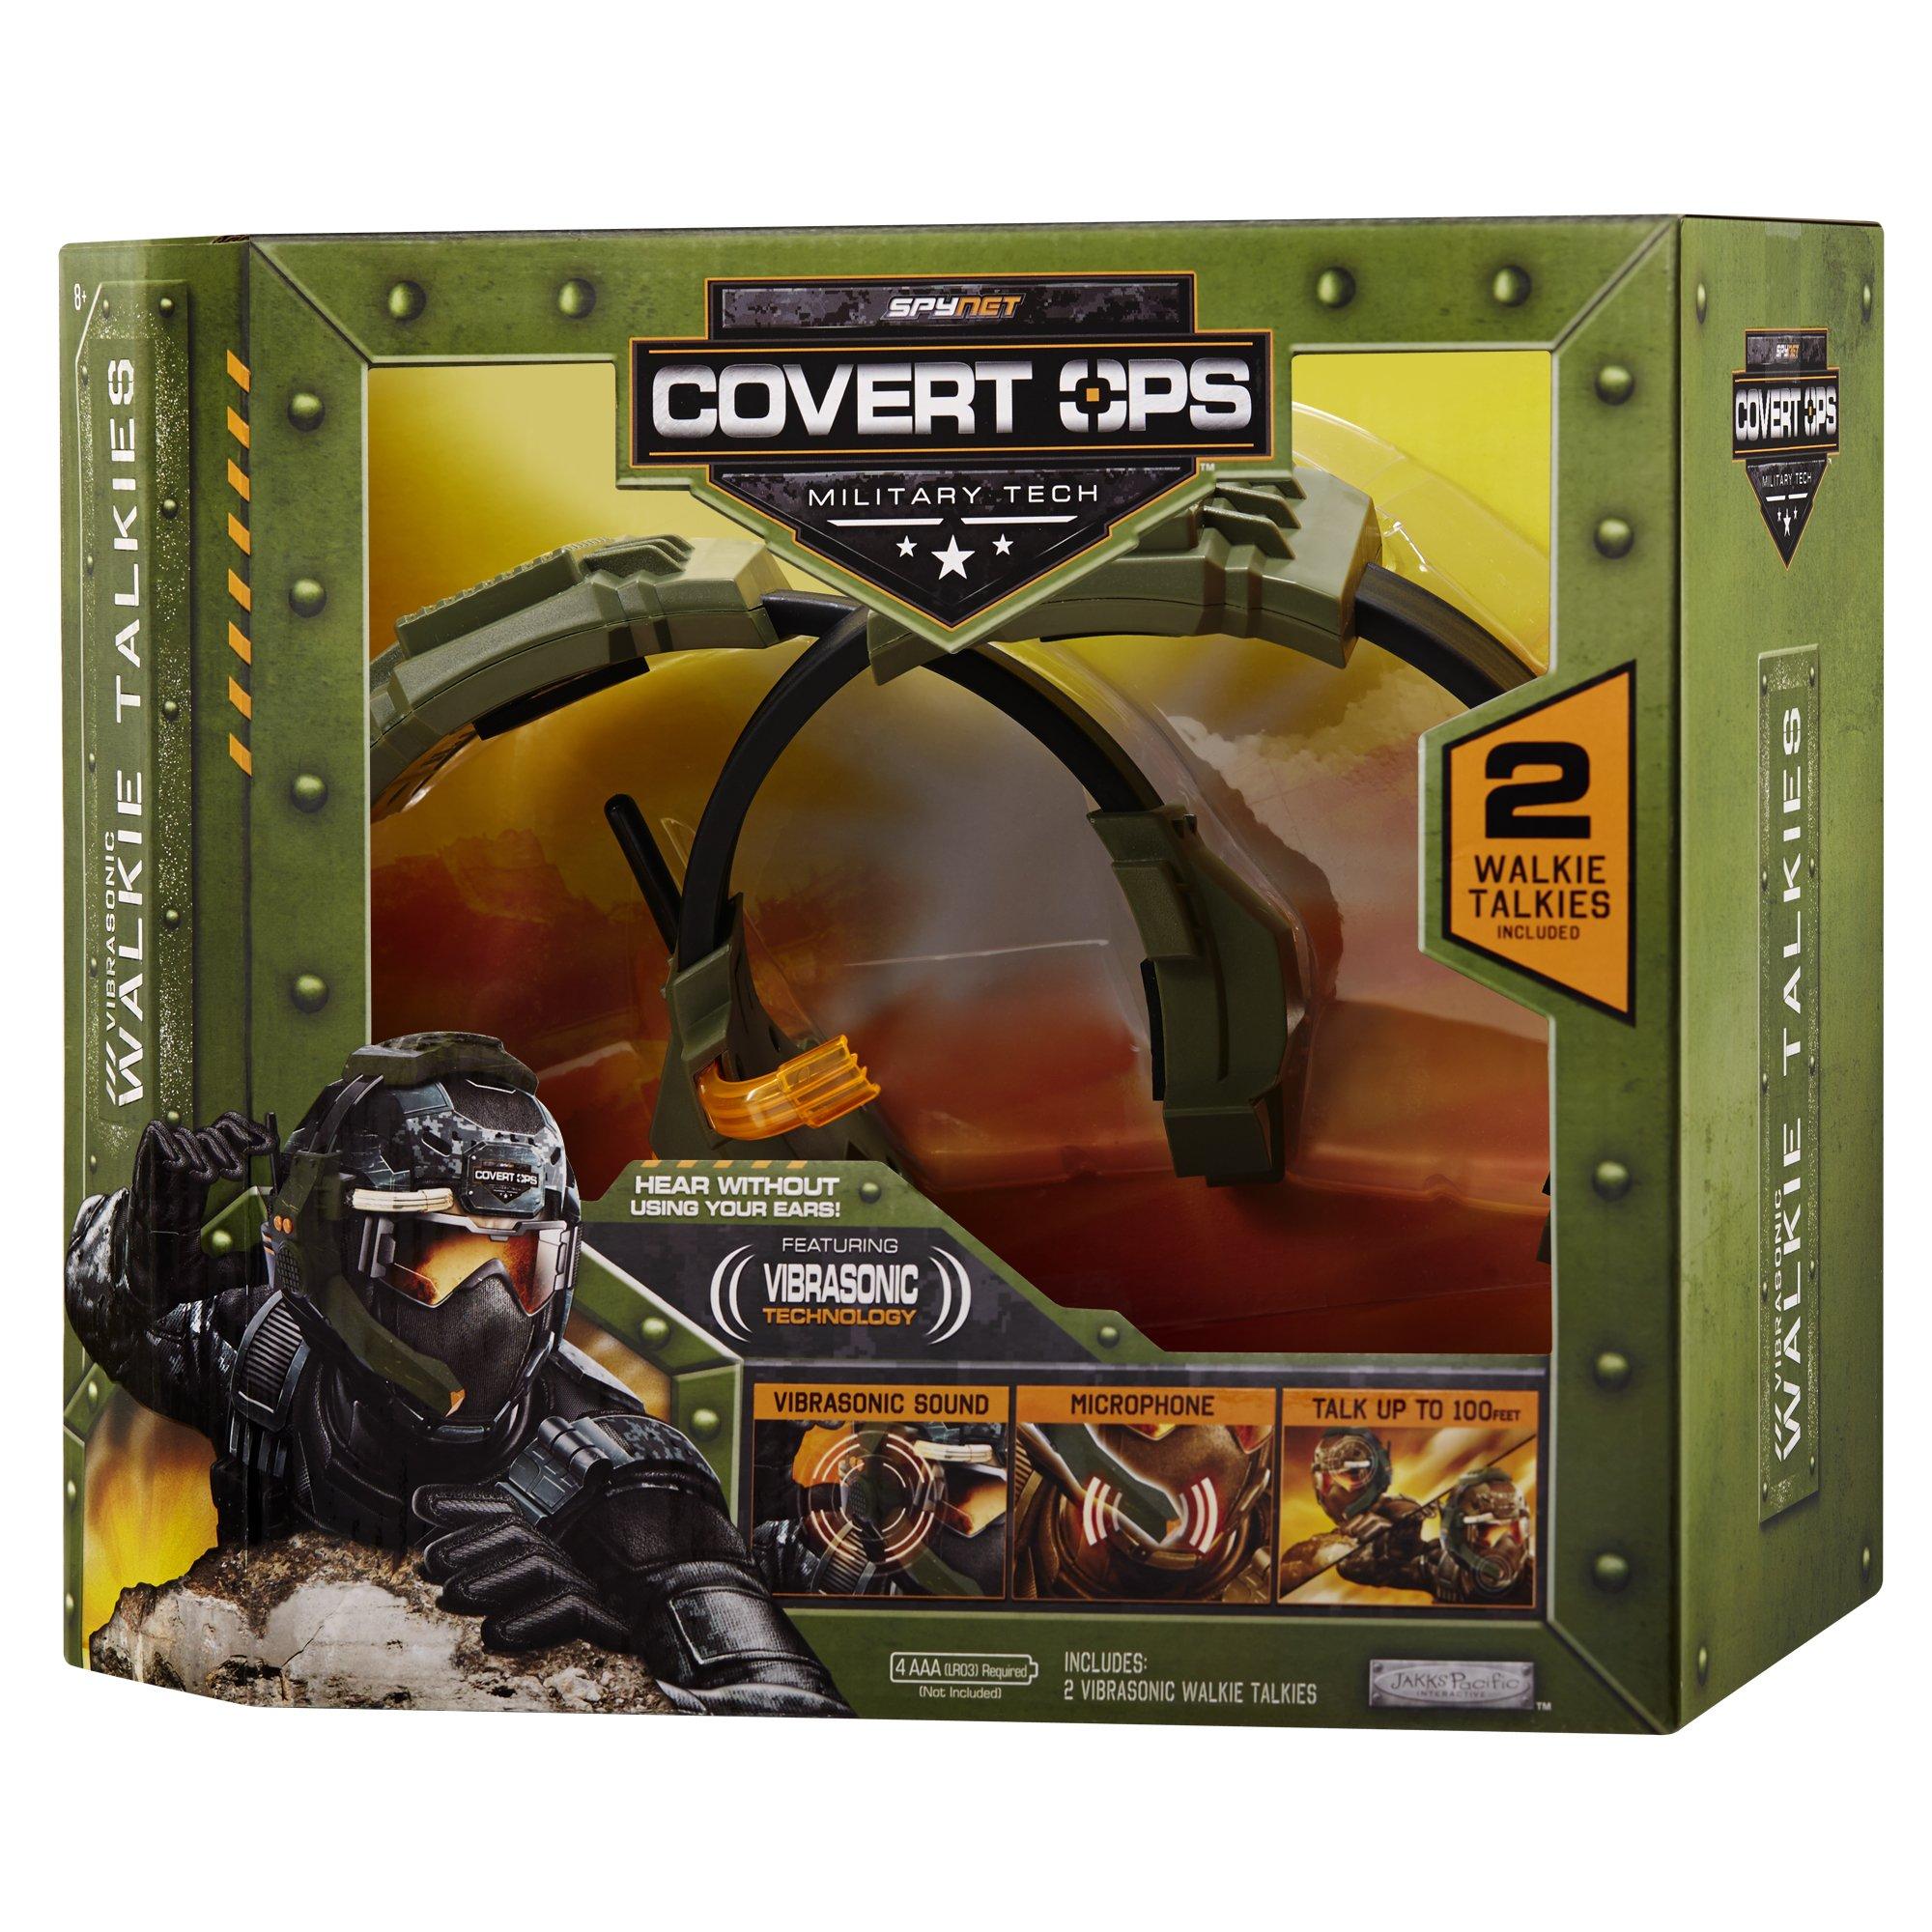 SpyNet Covert Ops Vibrasonic Walkie Talkie, Green by SpyNet (Image #4)